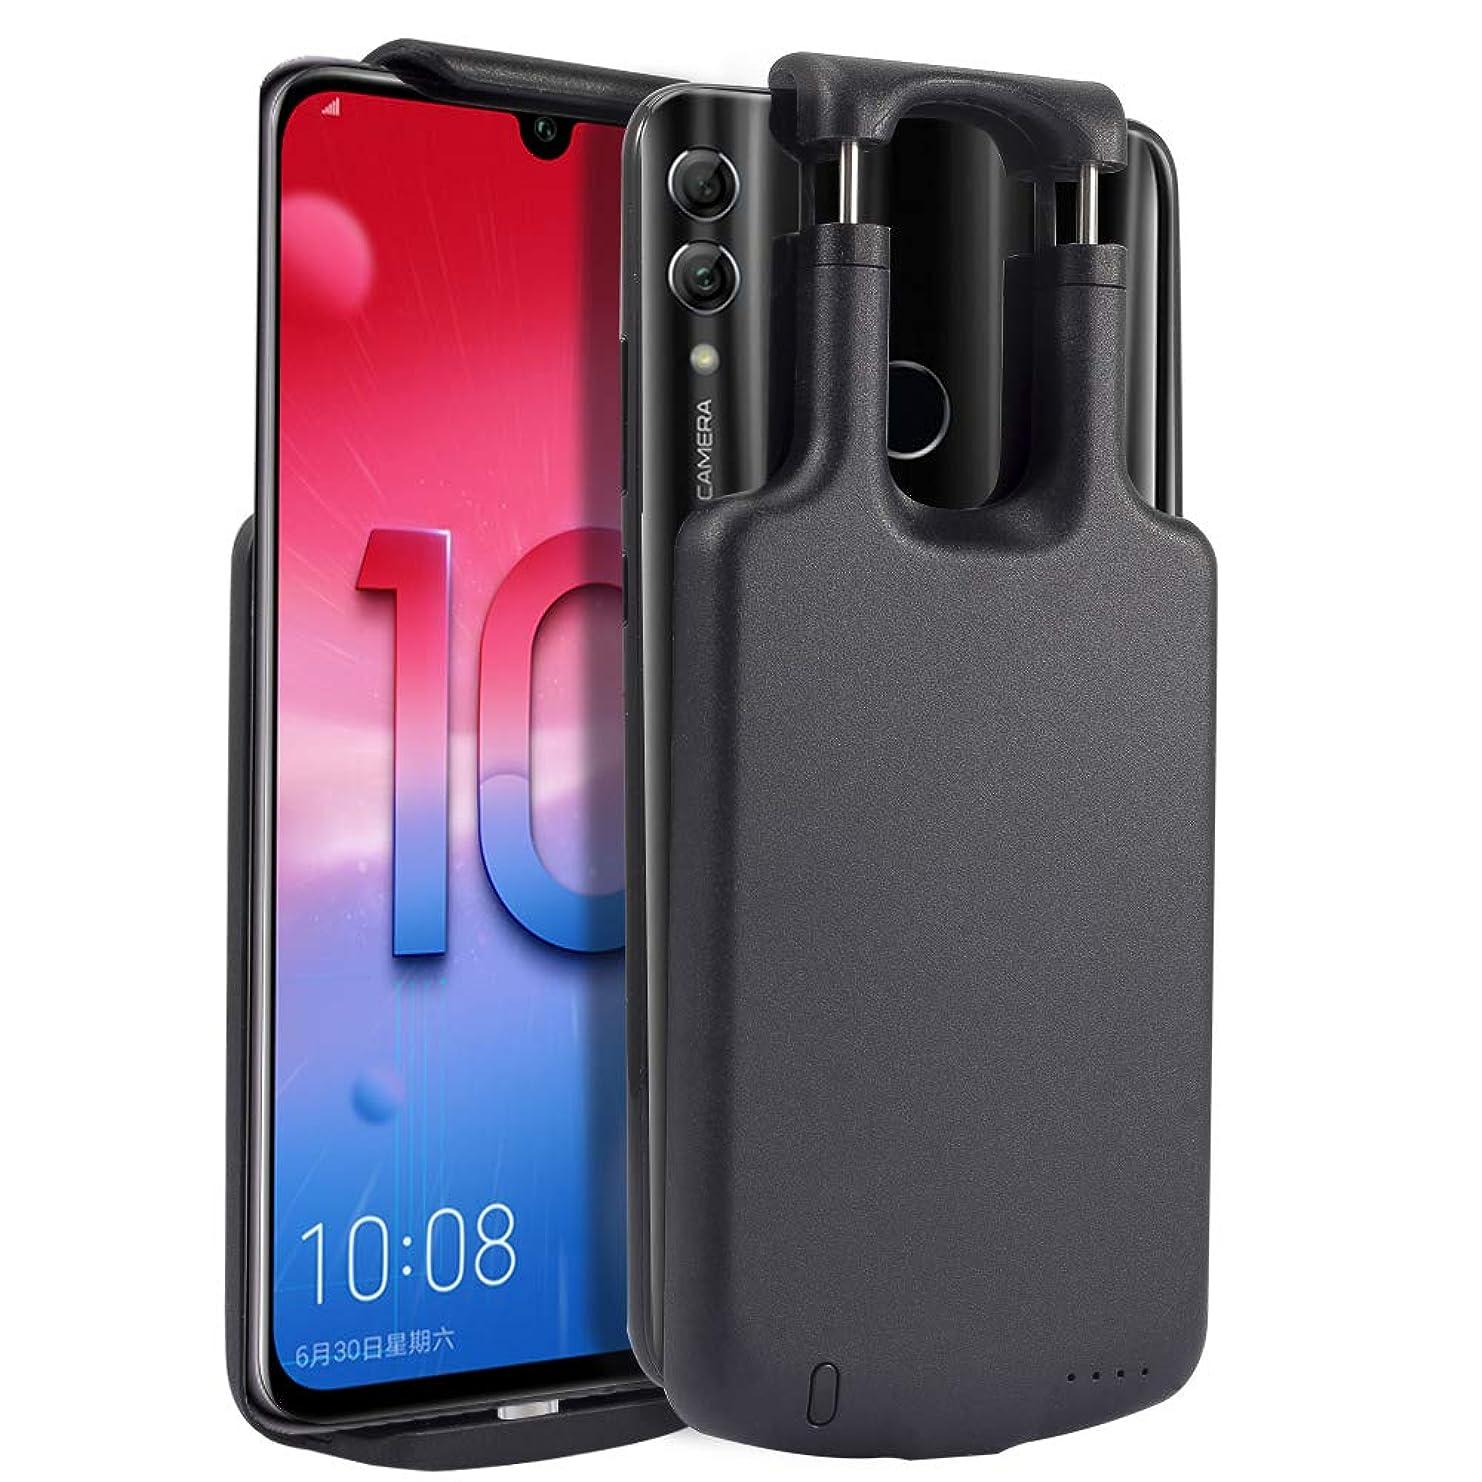 過度にビルマ一時的Scheam Huawei Honor 10 5000mAh 対応バッテリー内蔵ケース、軽量 超薄 バッテリーケース耐衝撃 バッテリー内蔵ケース 急速充電 全面保護ケース 超便利 (黒)